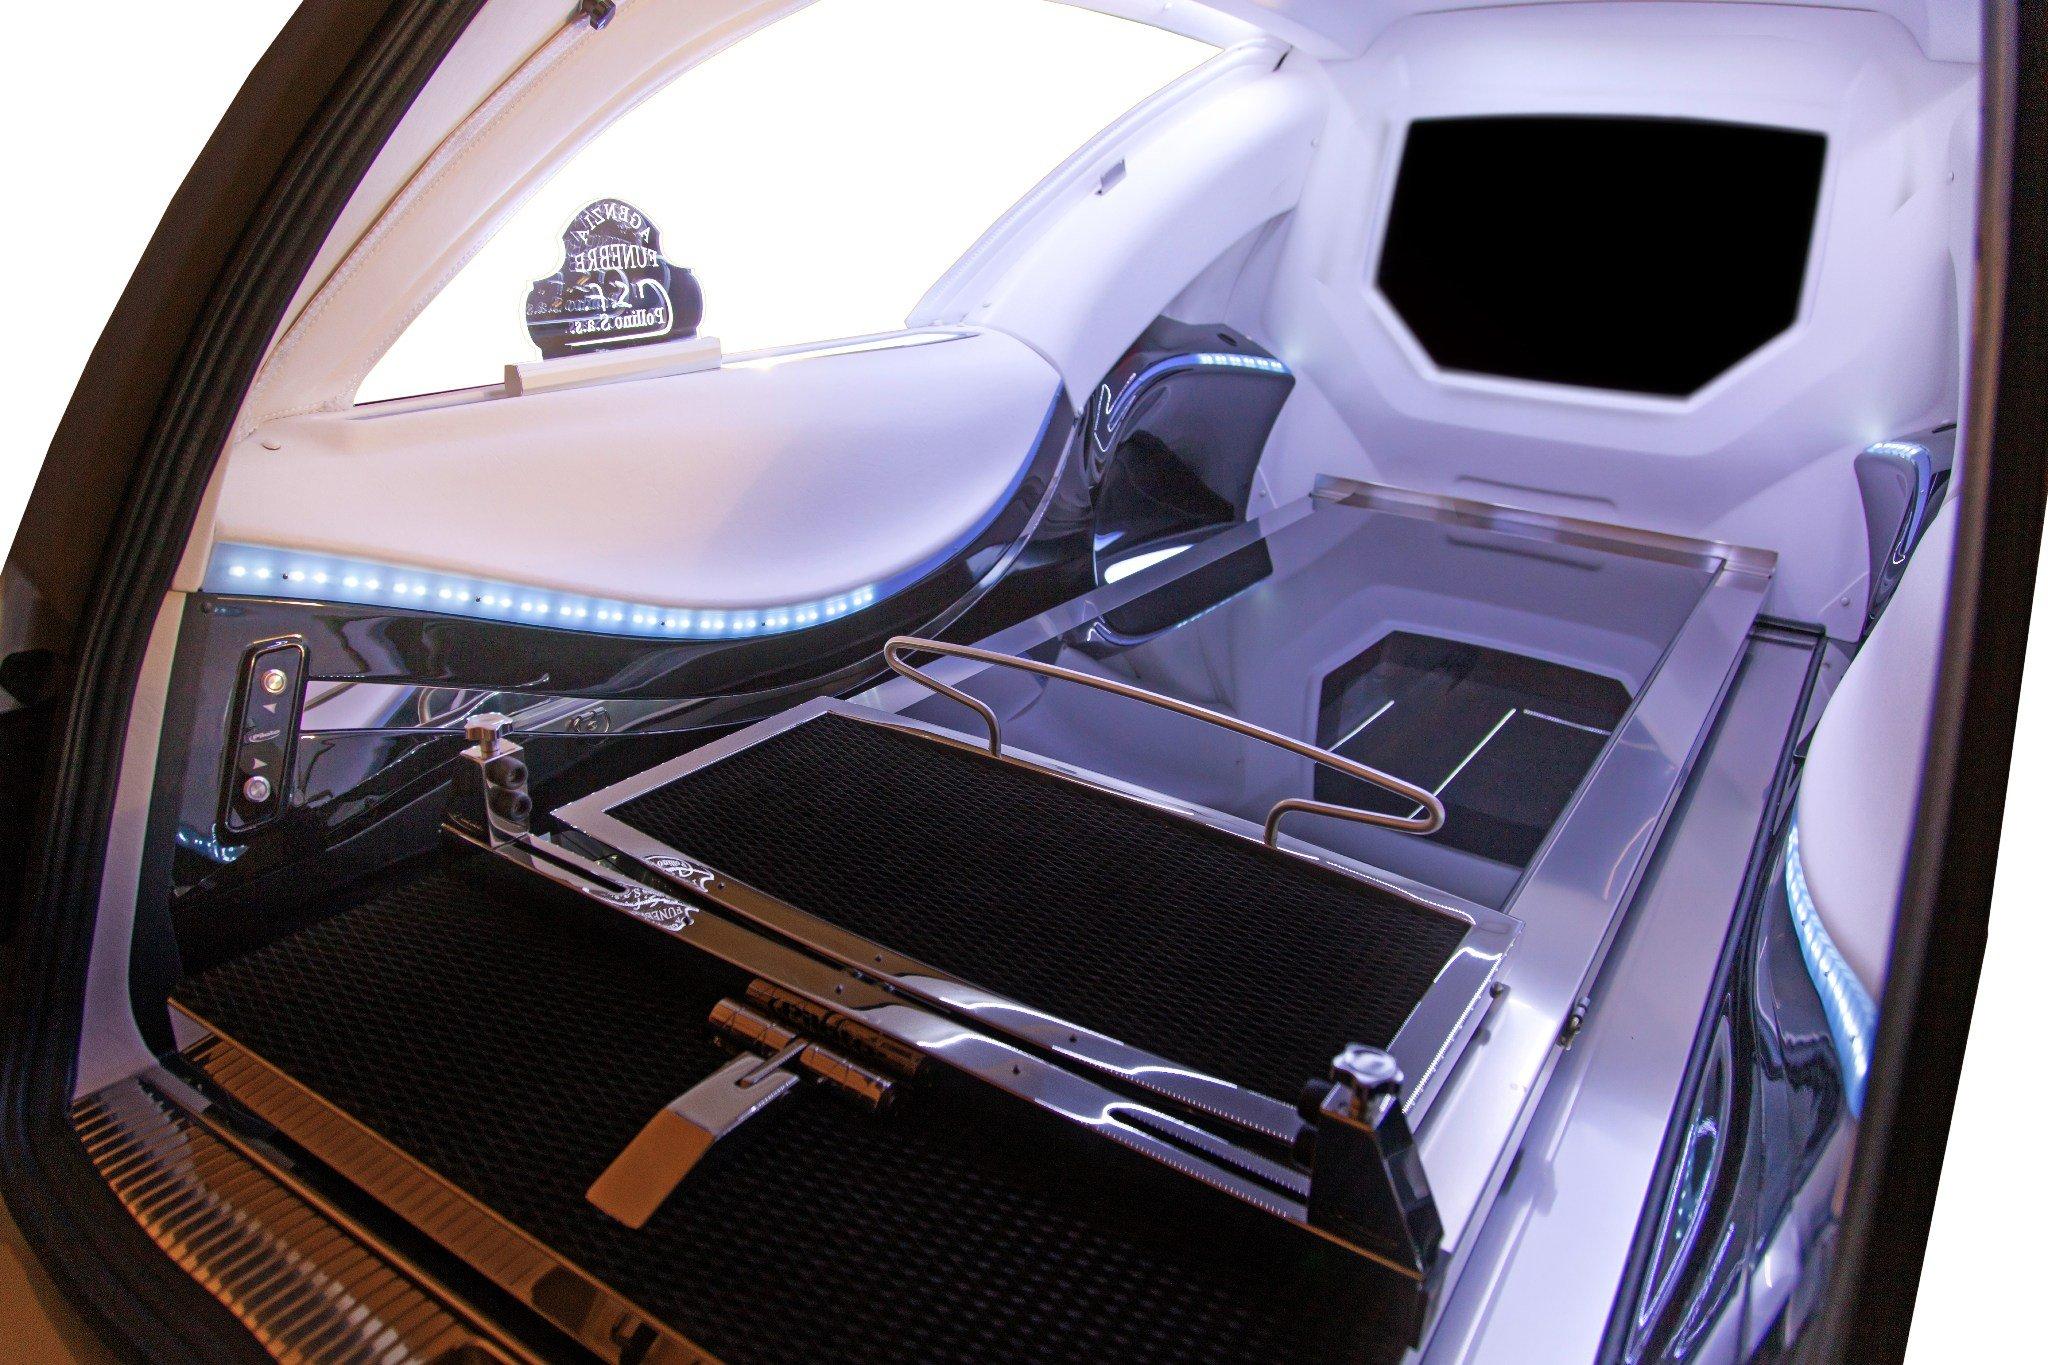 Interni e particolari delle nostre Limousine presso Centro Servizi Funebri Pollino s.a.s. a Saracena